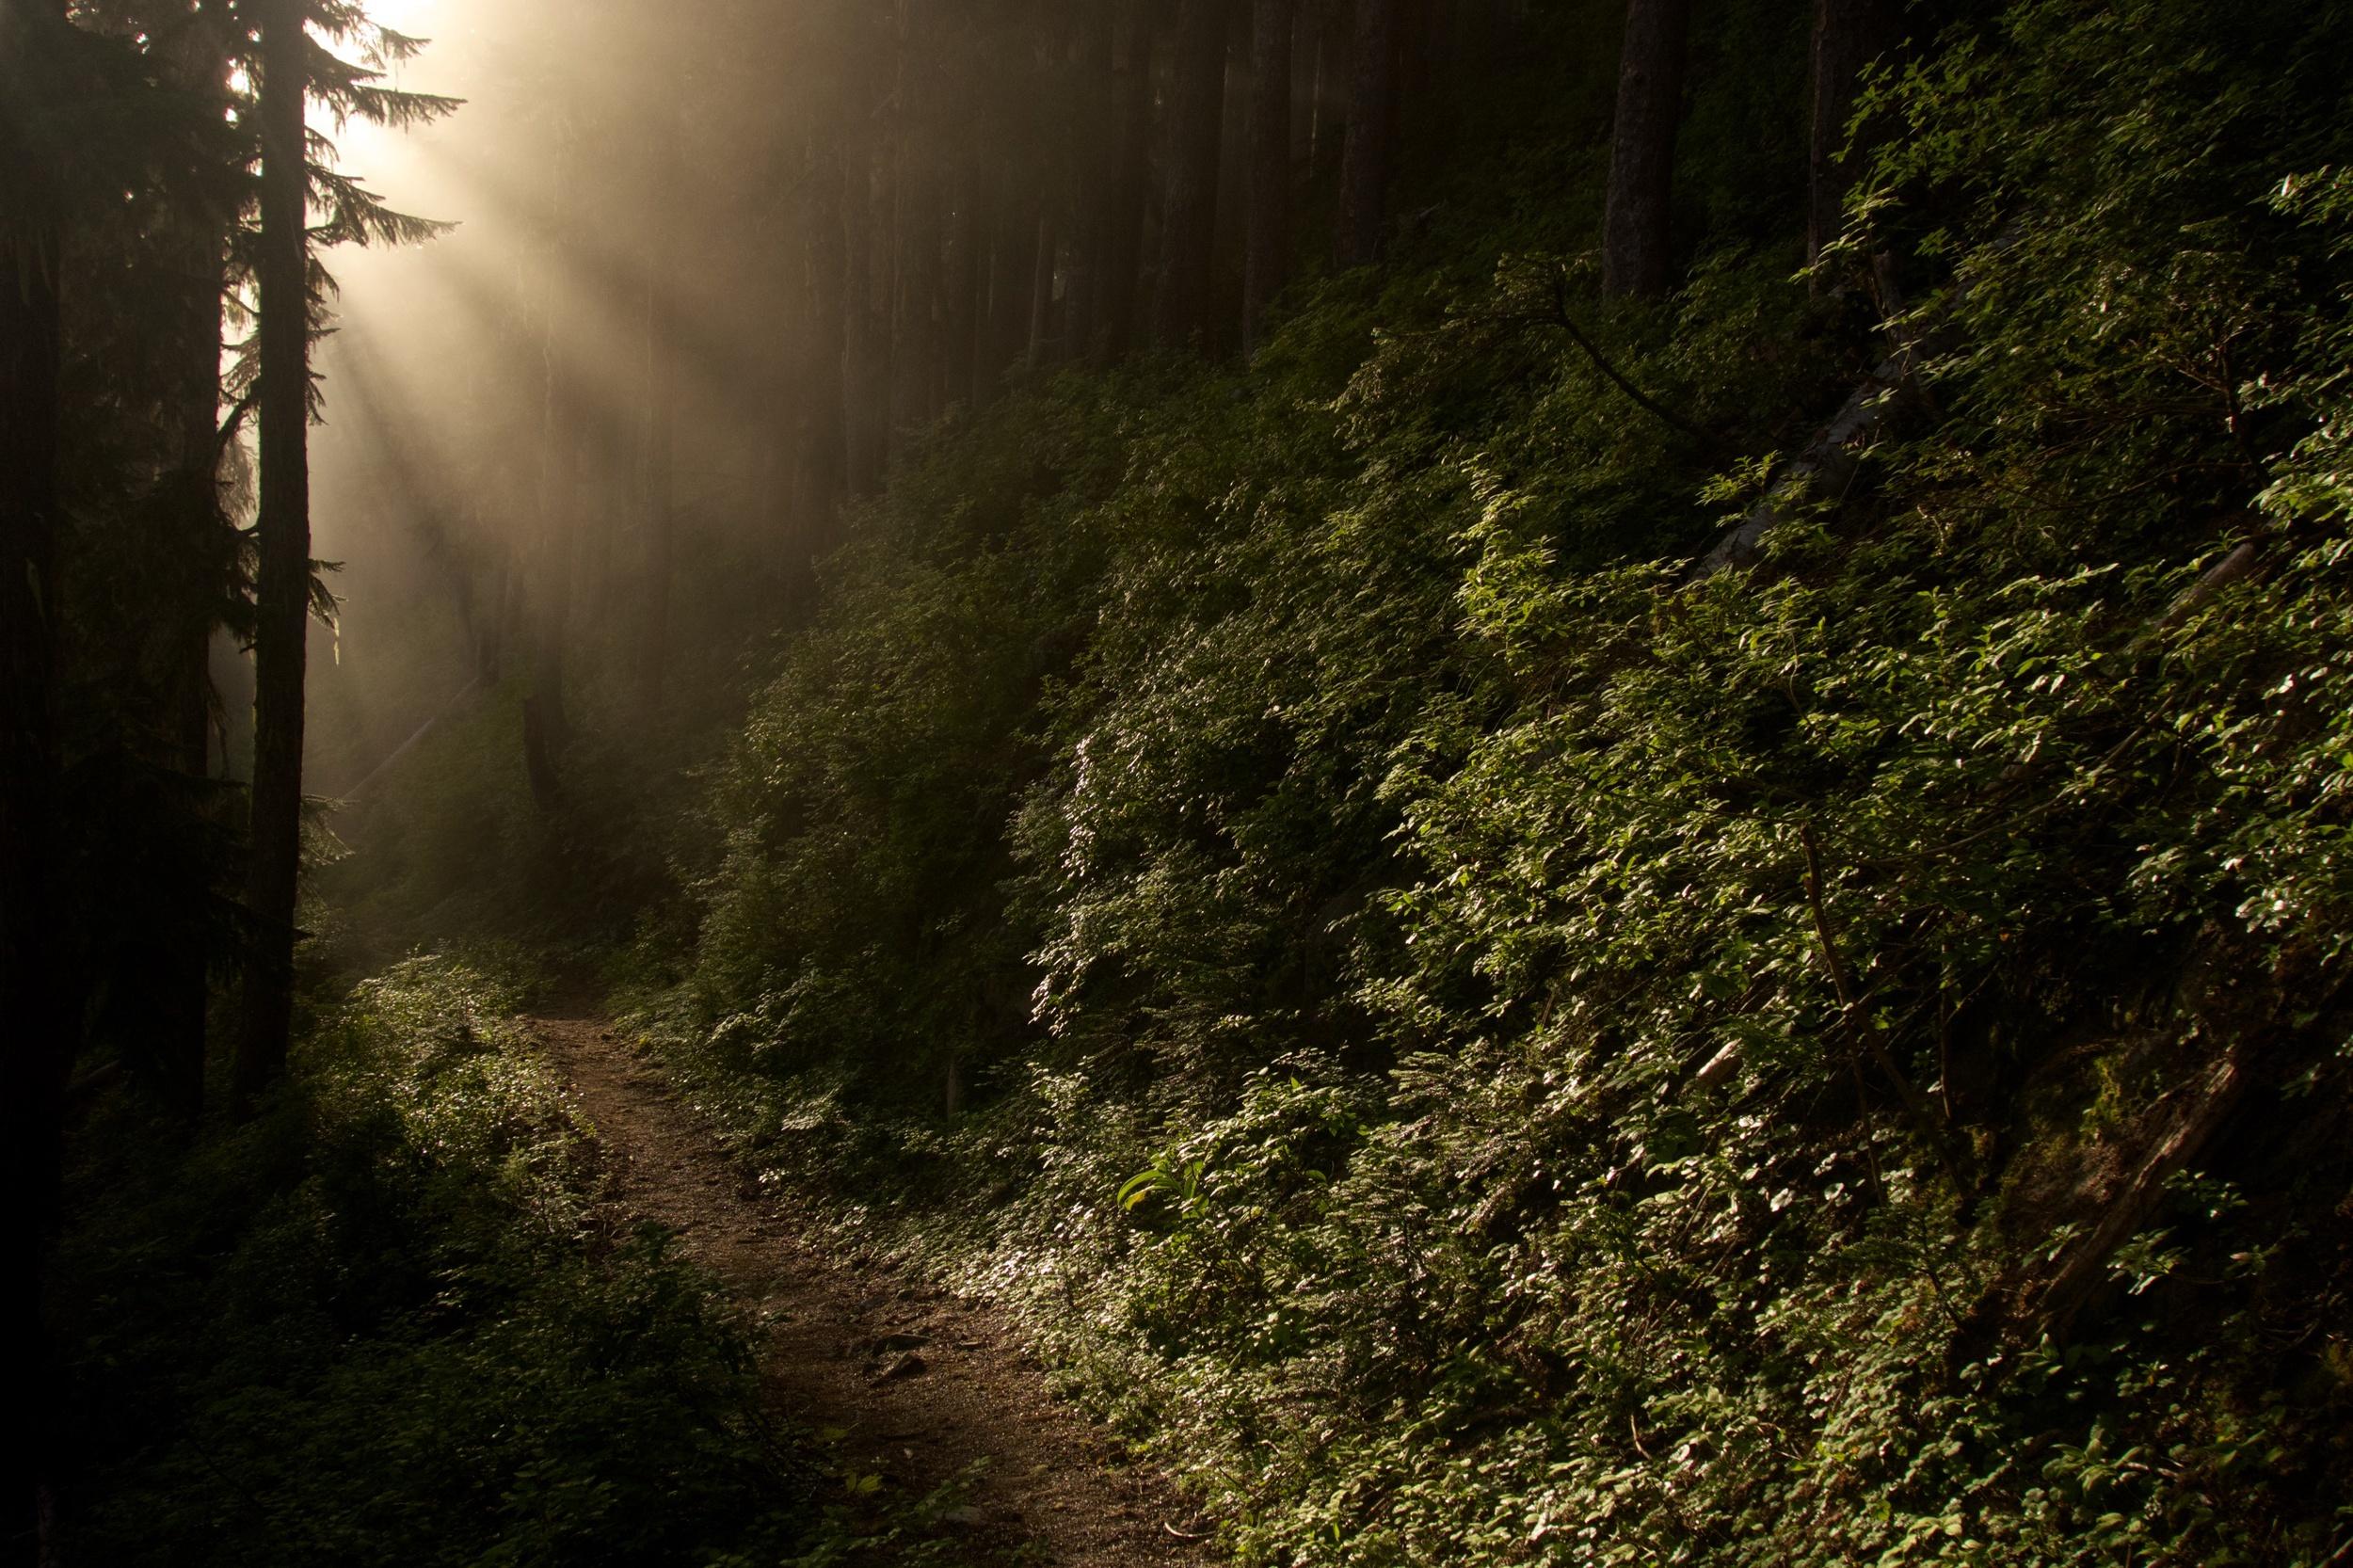 Misty Northwest Forest at Sunrise